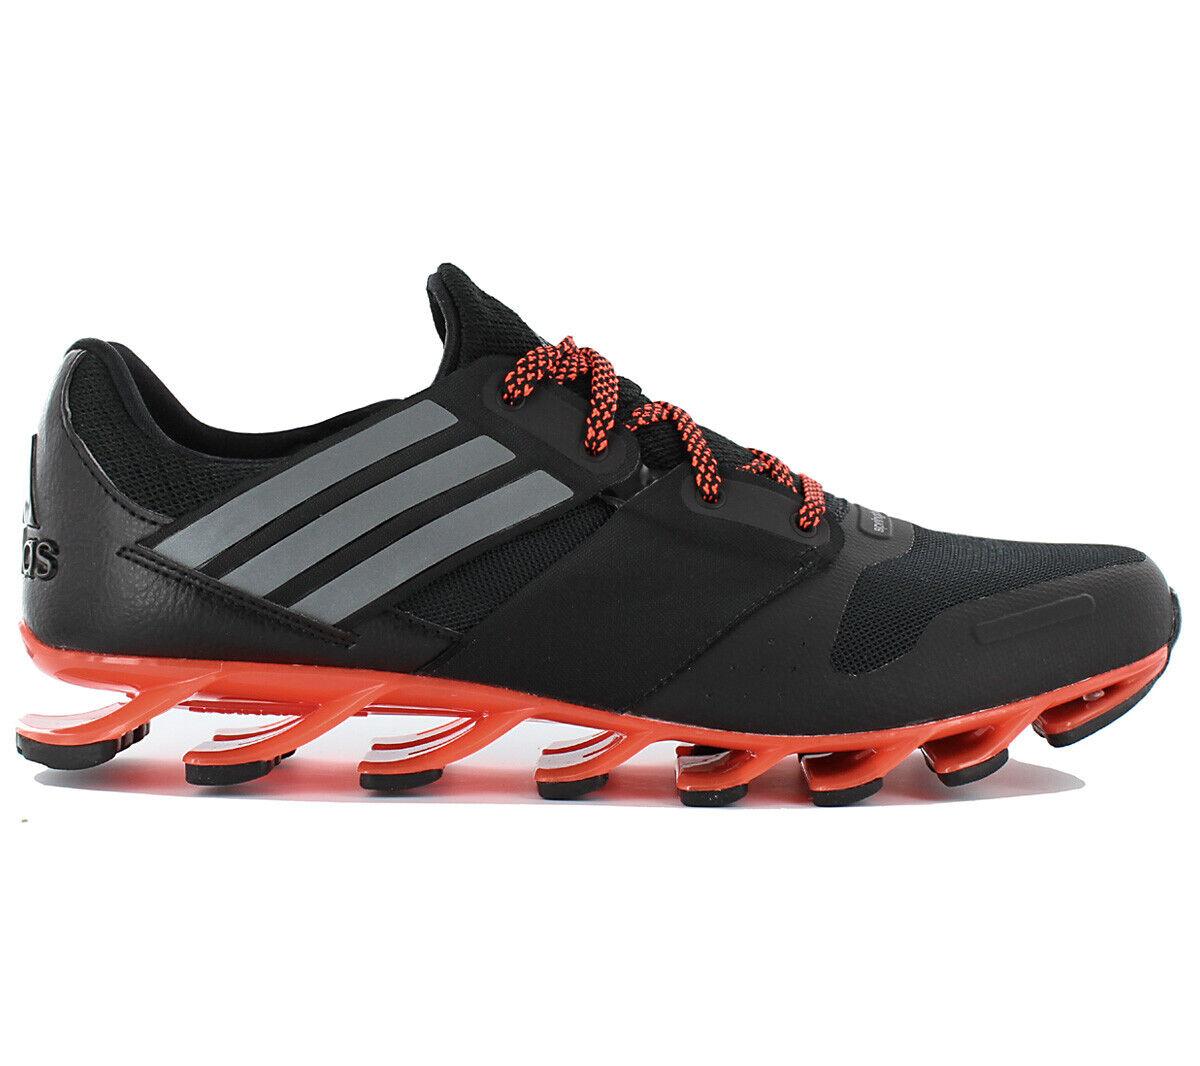 Adidas springblade solyce m zapatos aq7930 caballeros zapatillas running negro nuevo